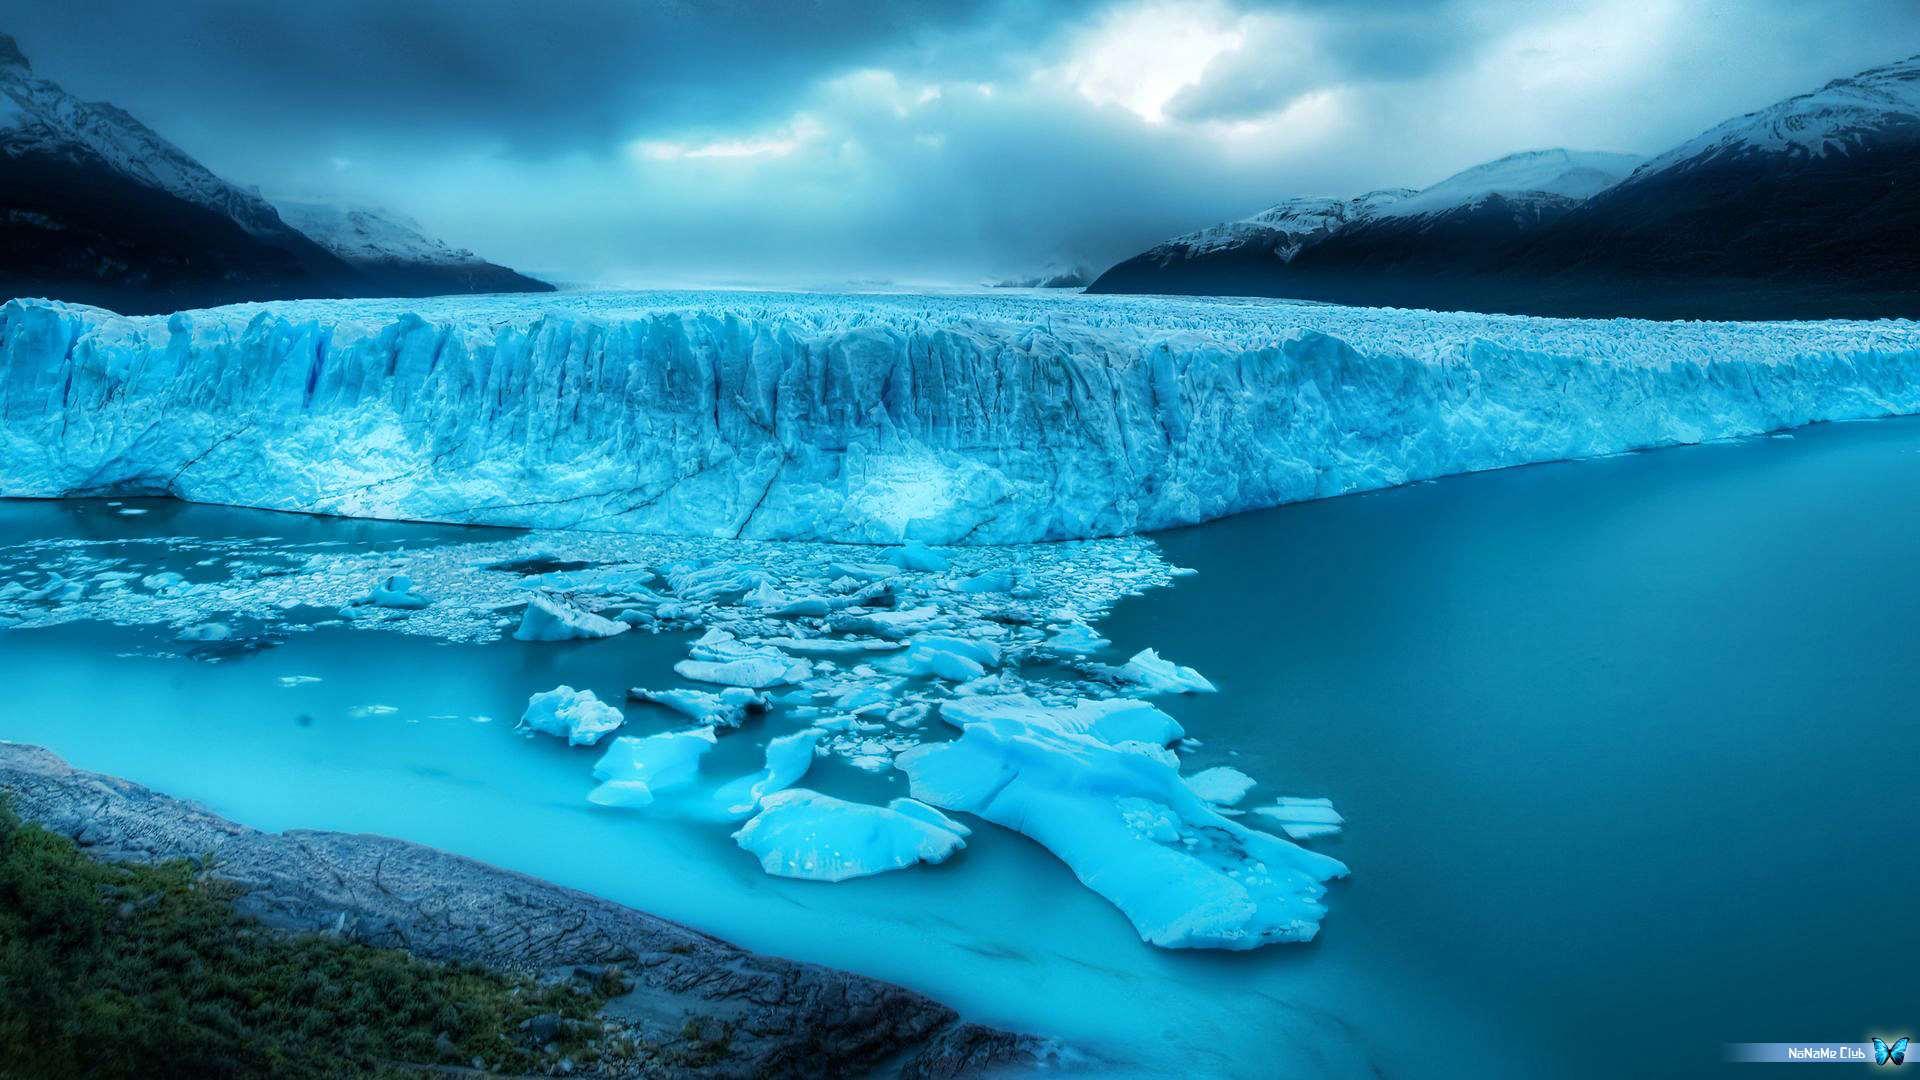 Обои рабочего стола айсберги 4